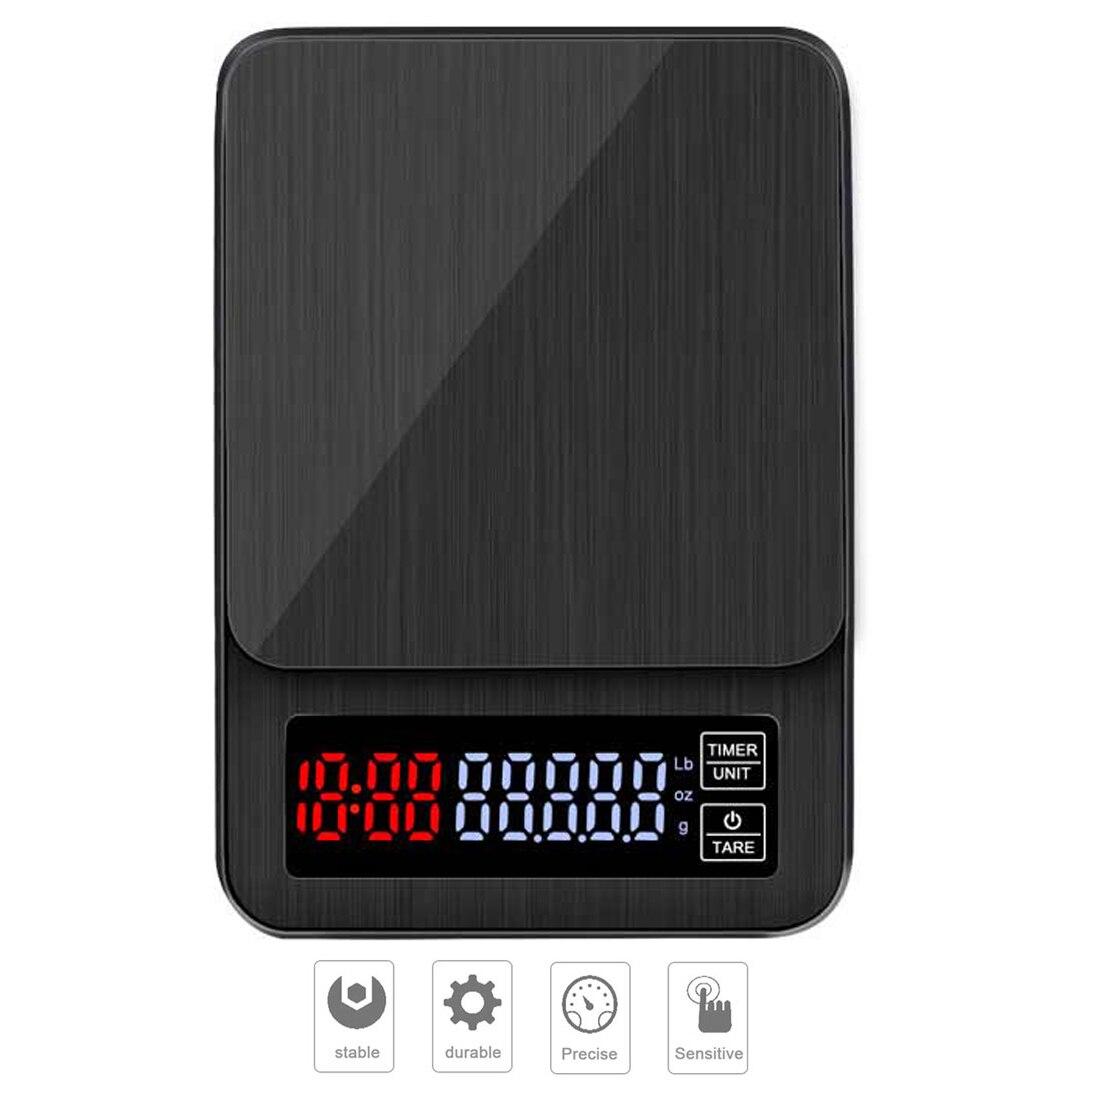 3/5/10kg 1G เครื่องชั่งน้ำหนักอาหารดิจิตอล Precision เครื่องประดับอิเล็กทรอนิกส์ Scale BALANCE แพลตฟอร์มสแตนเลส...